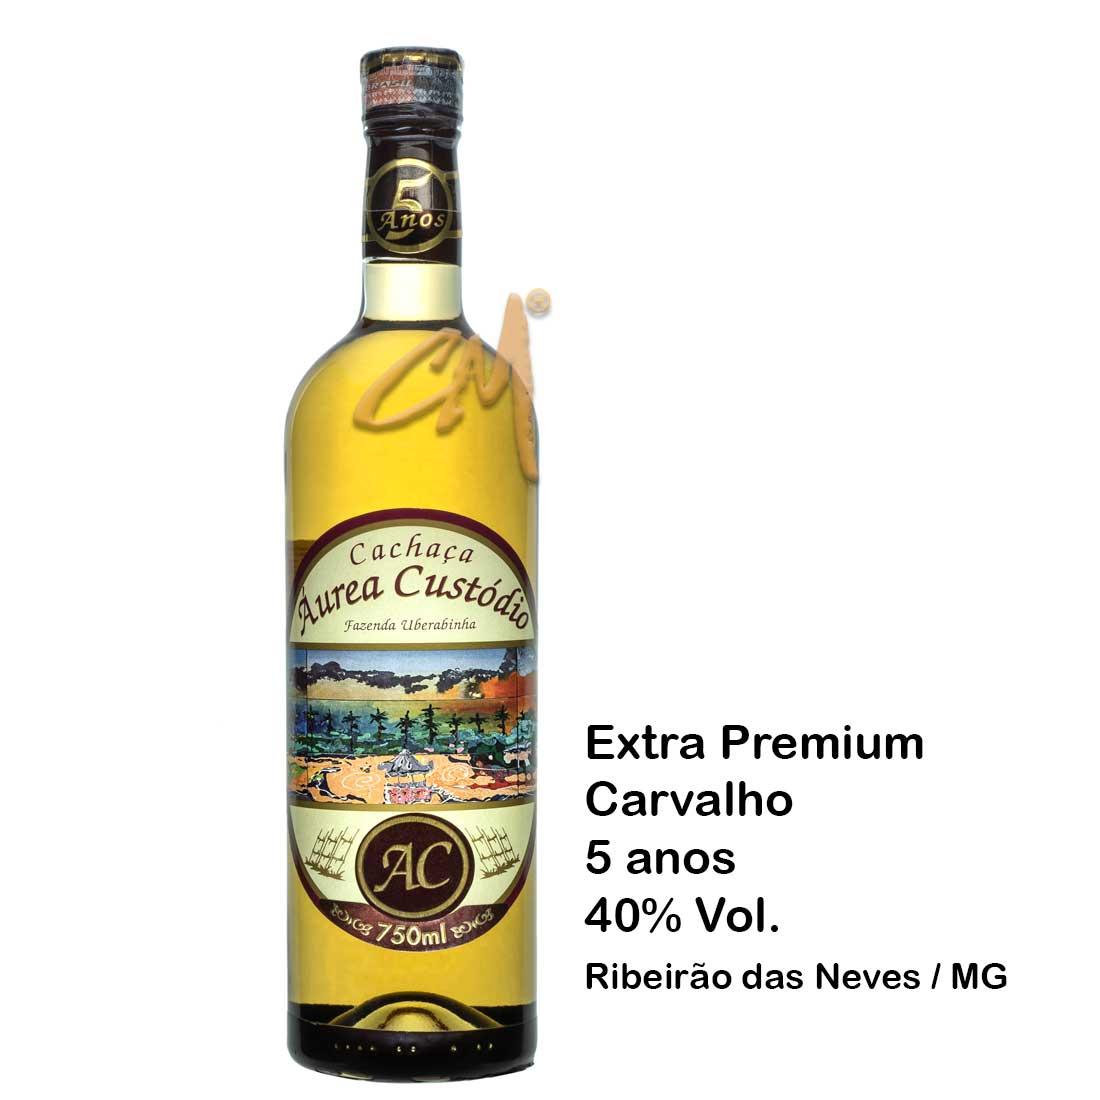 Cachaça Áurea Custódio 5 anos 750 ml  (Ribeirão das Neves - MG)